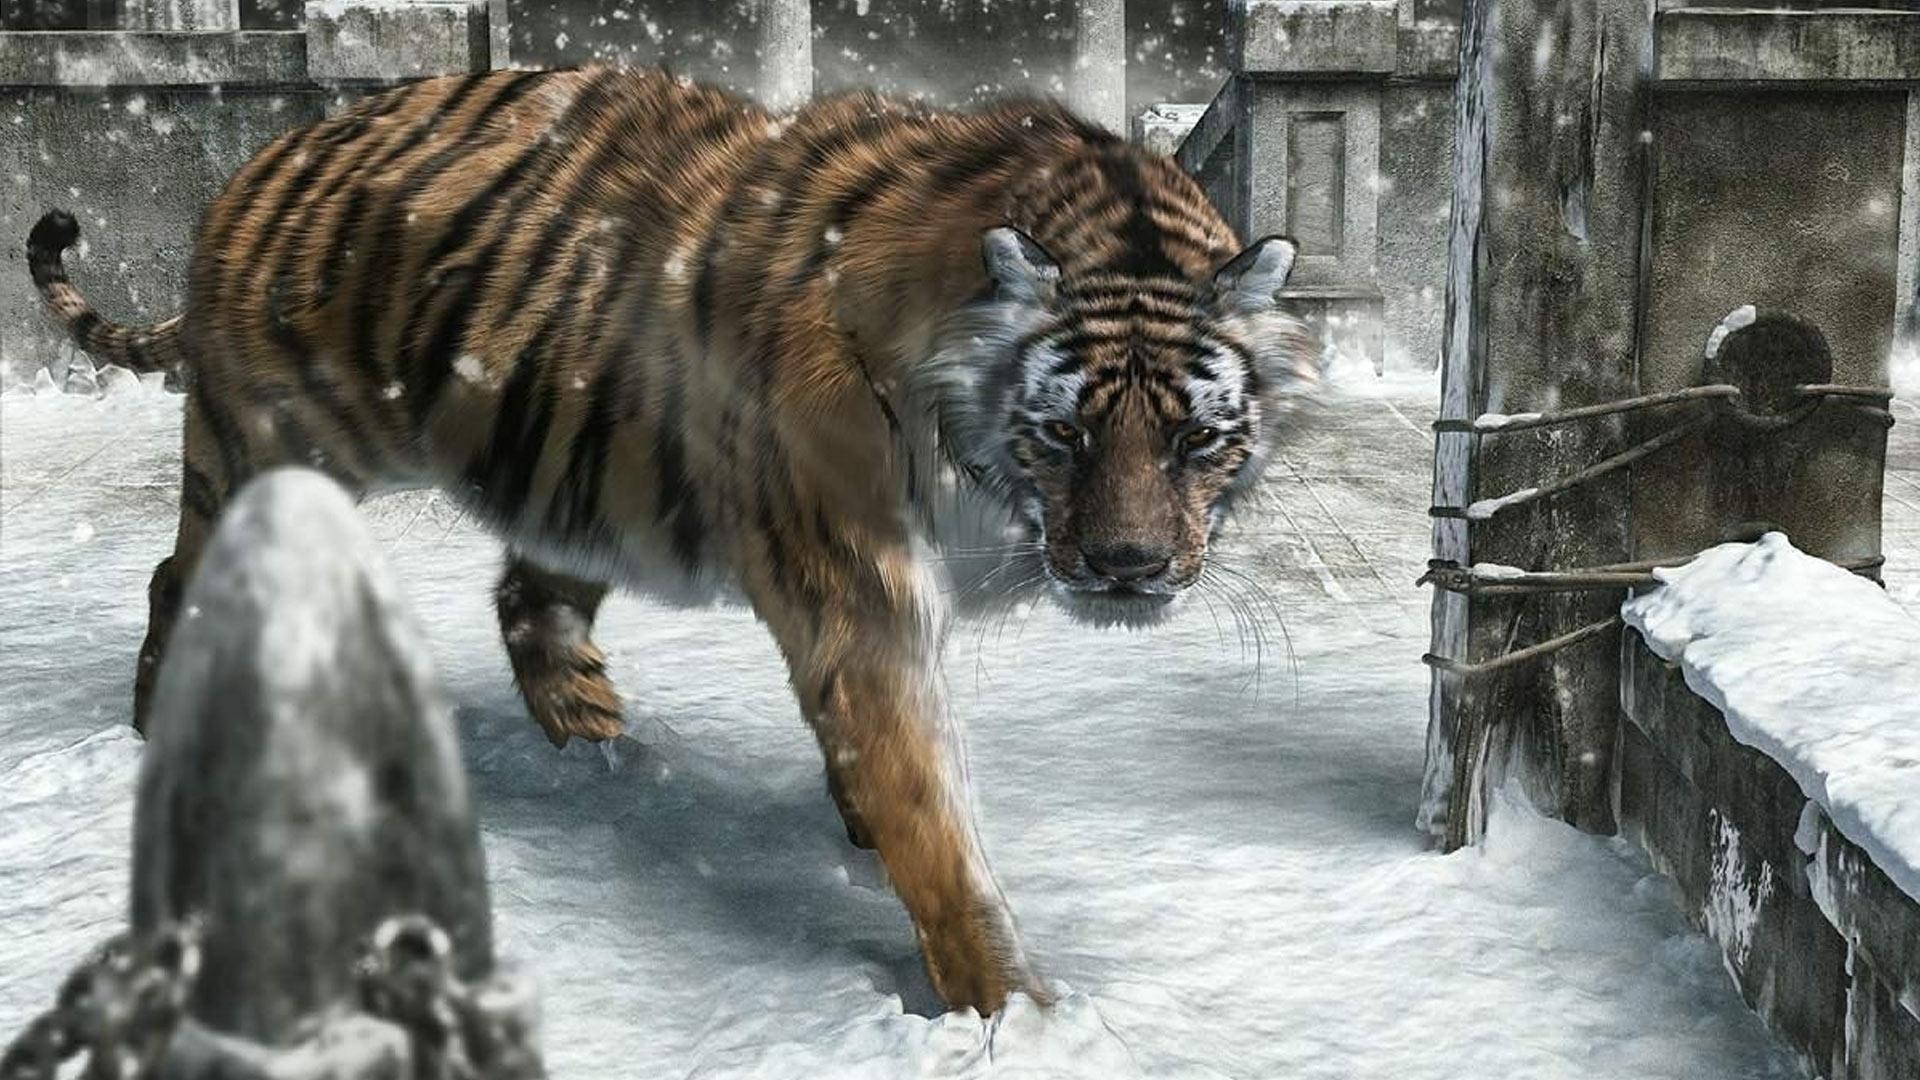 D Cartoons Graphics New Year Tiger 369484 Wallpaper Wallpaper